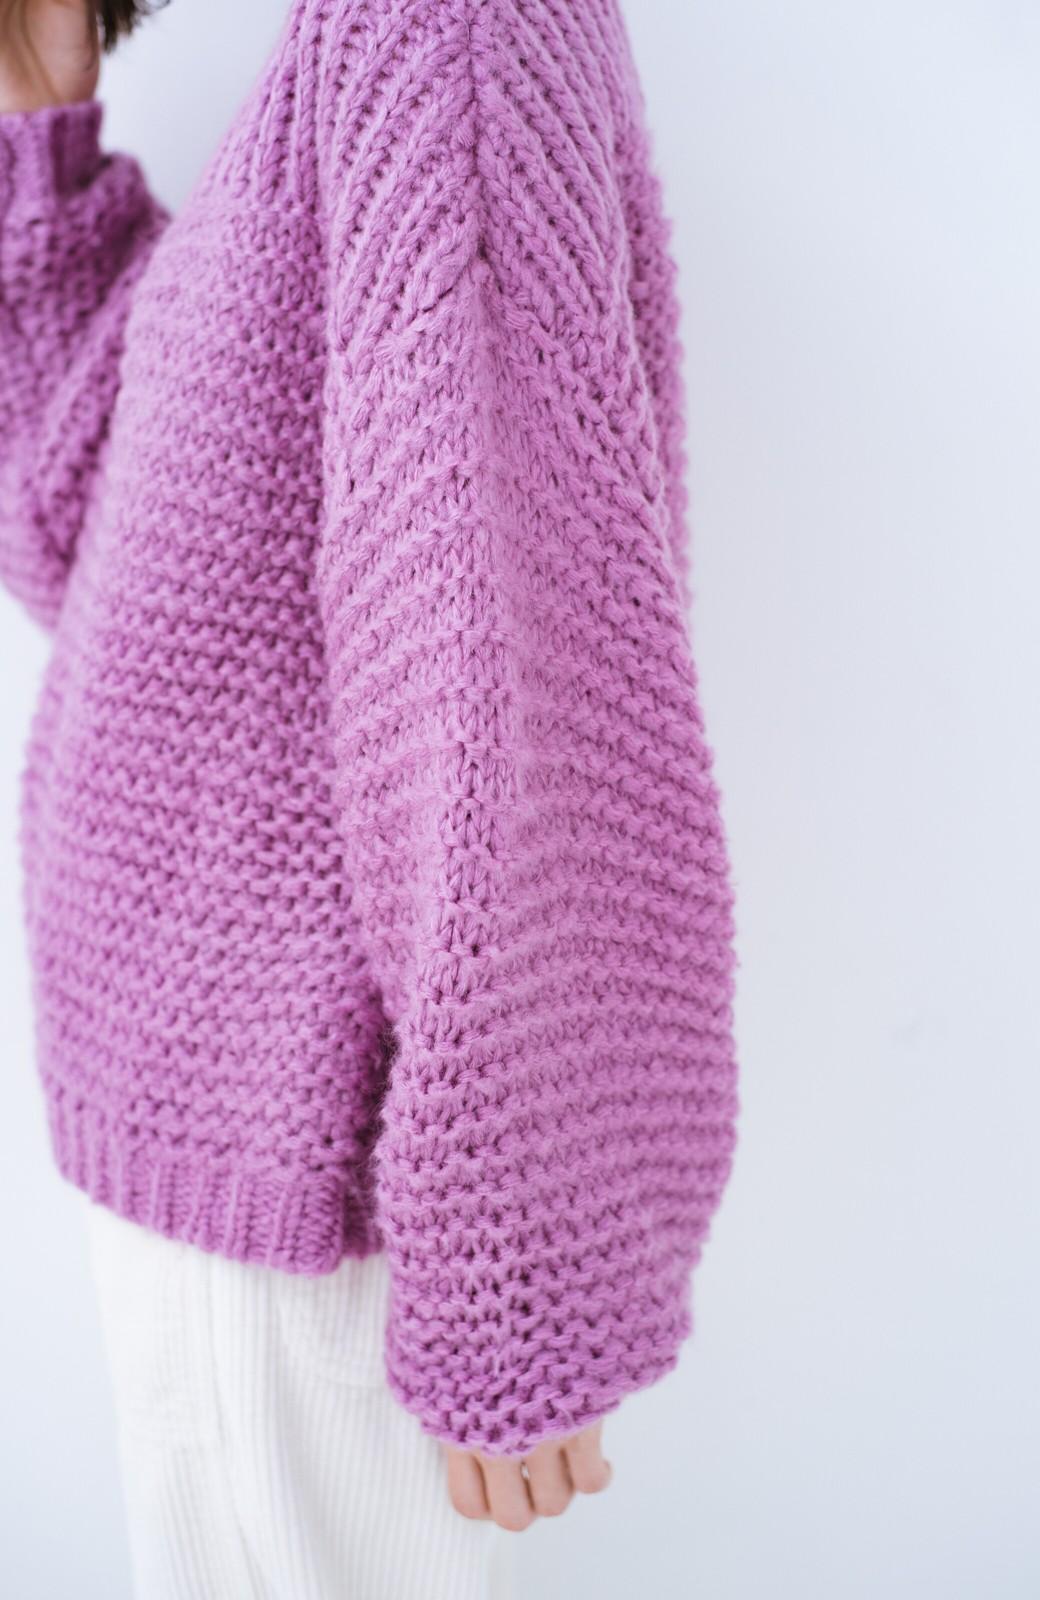 haco! 手編み風ガーター編みがかわいい ざっくり女っぽニット <ピンク>の商品写真5